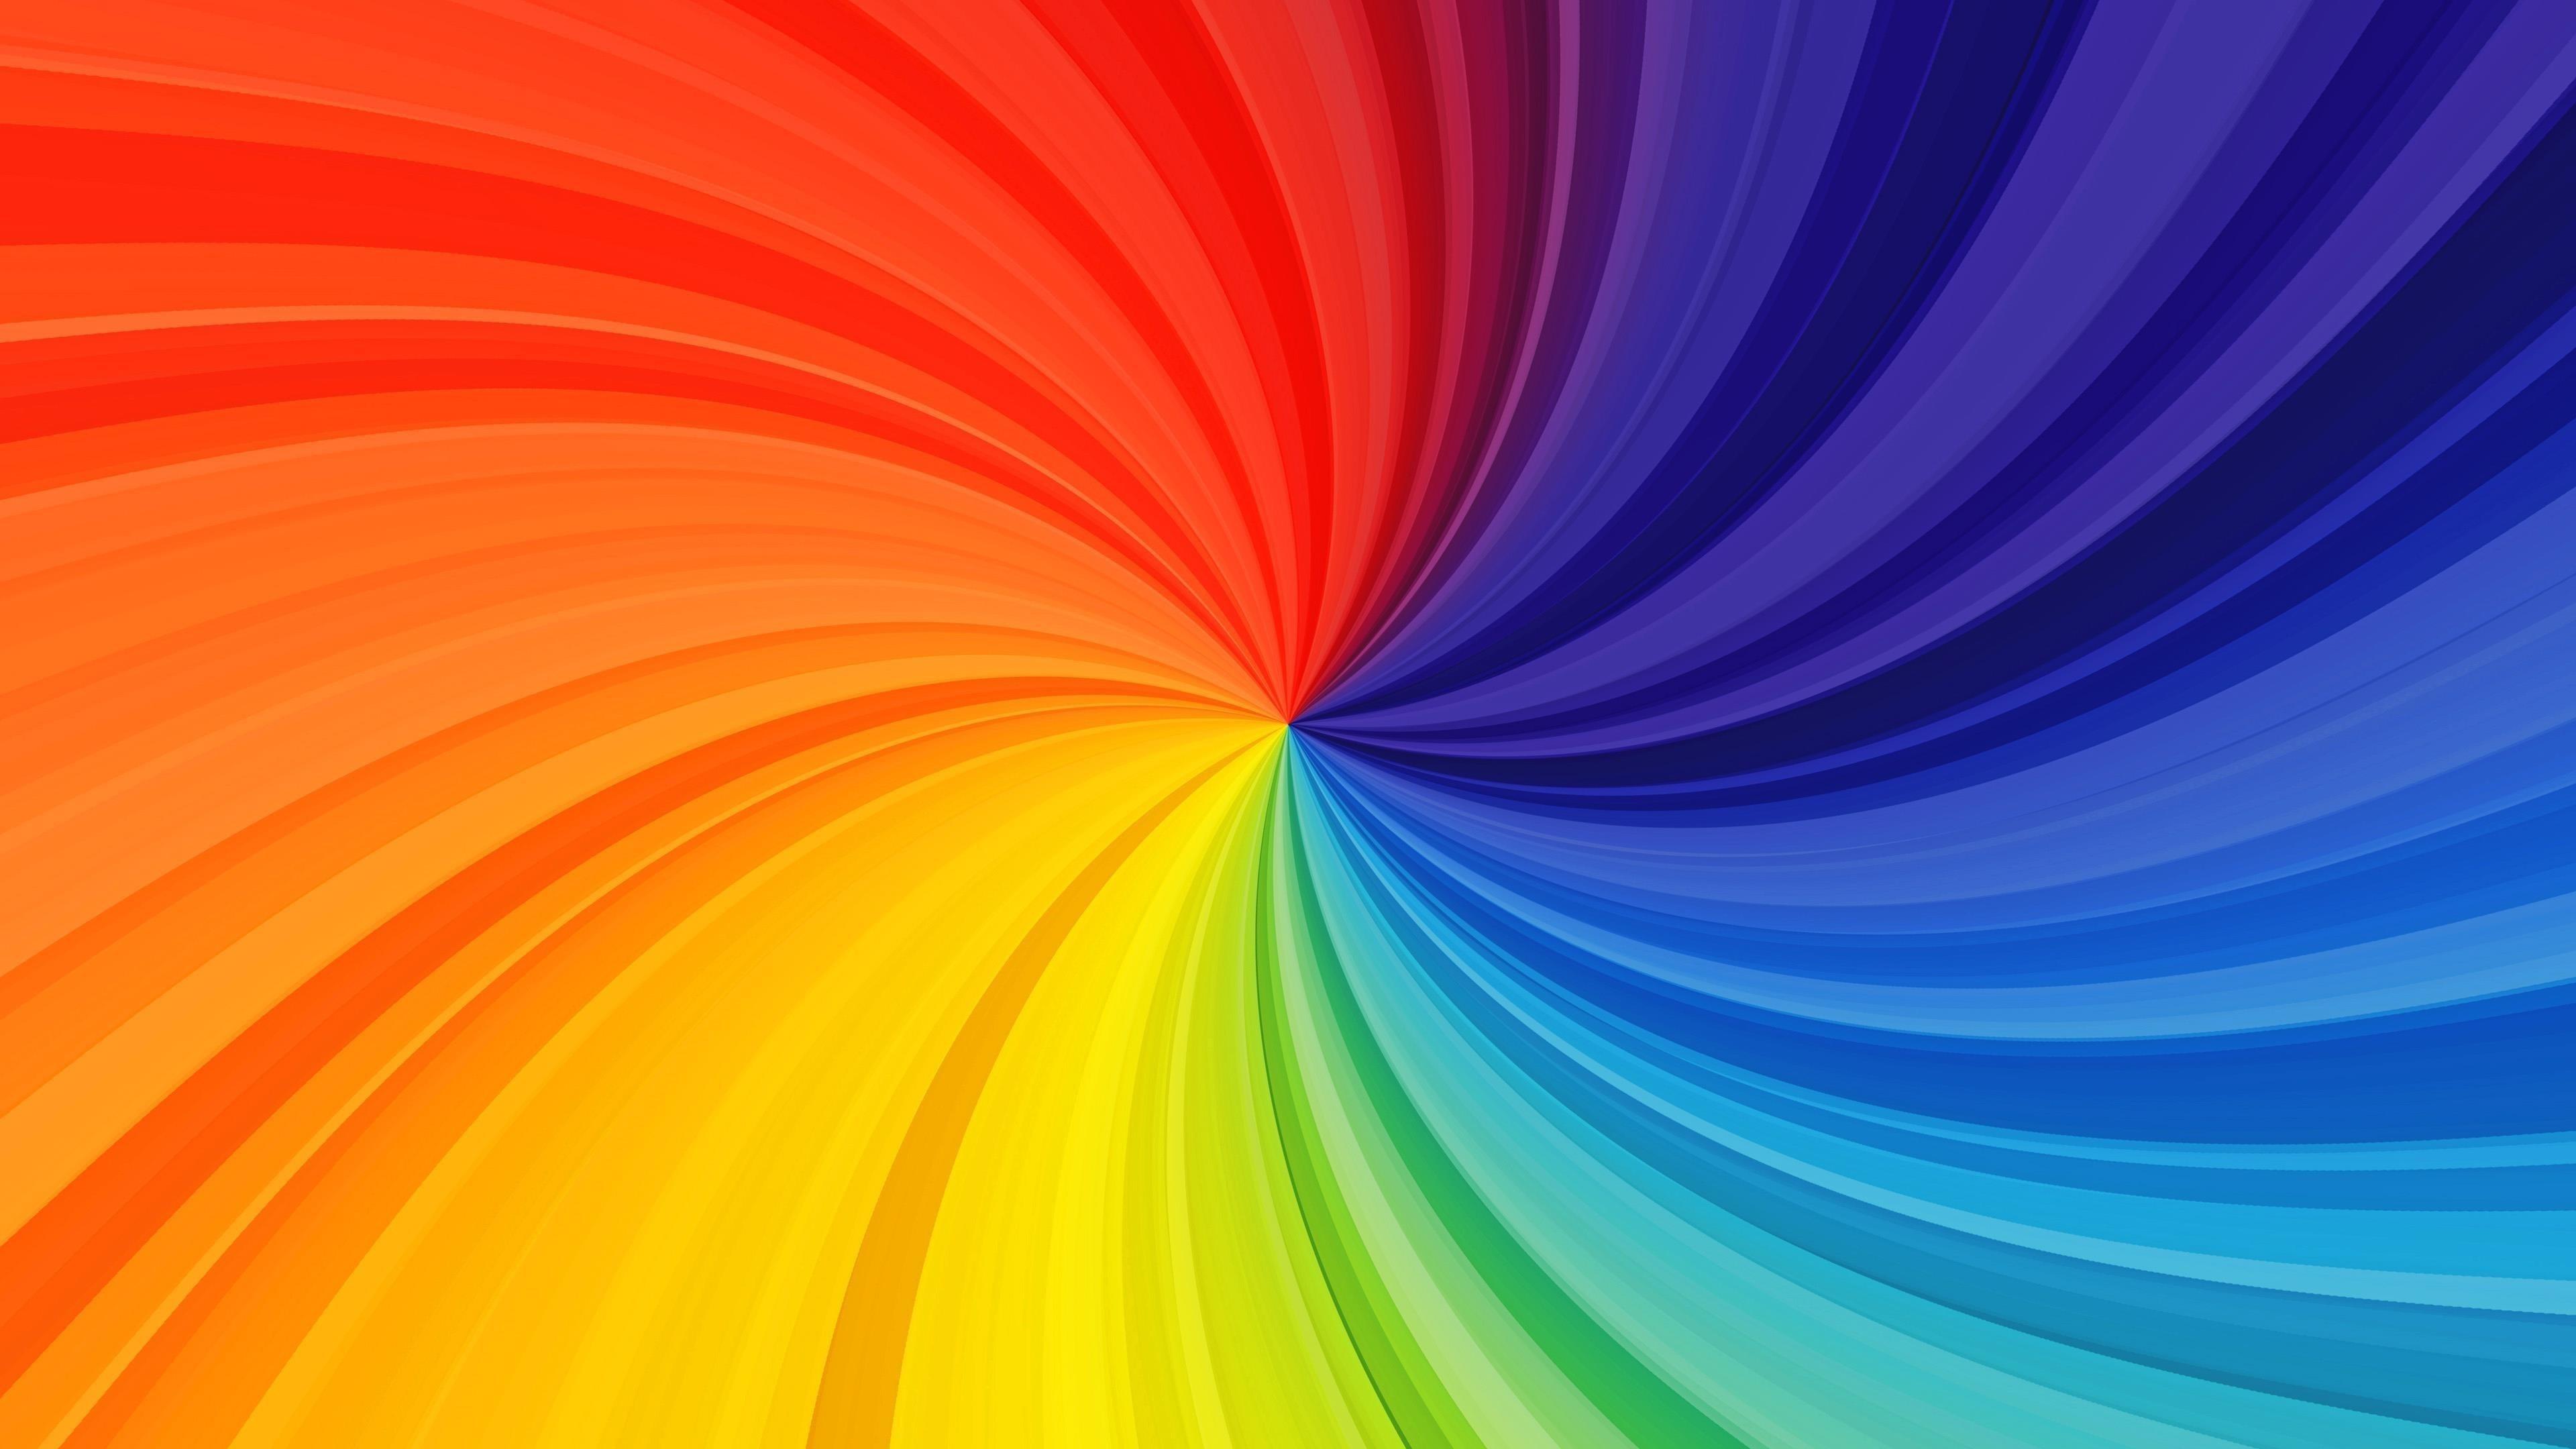 Творческий вихрь красочный радужный вихревой фон абстрактный обои скачать